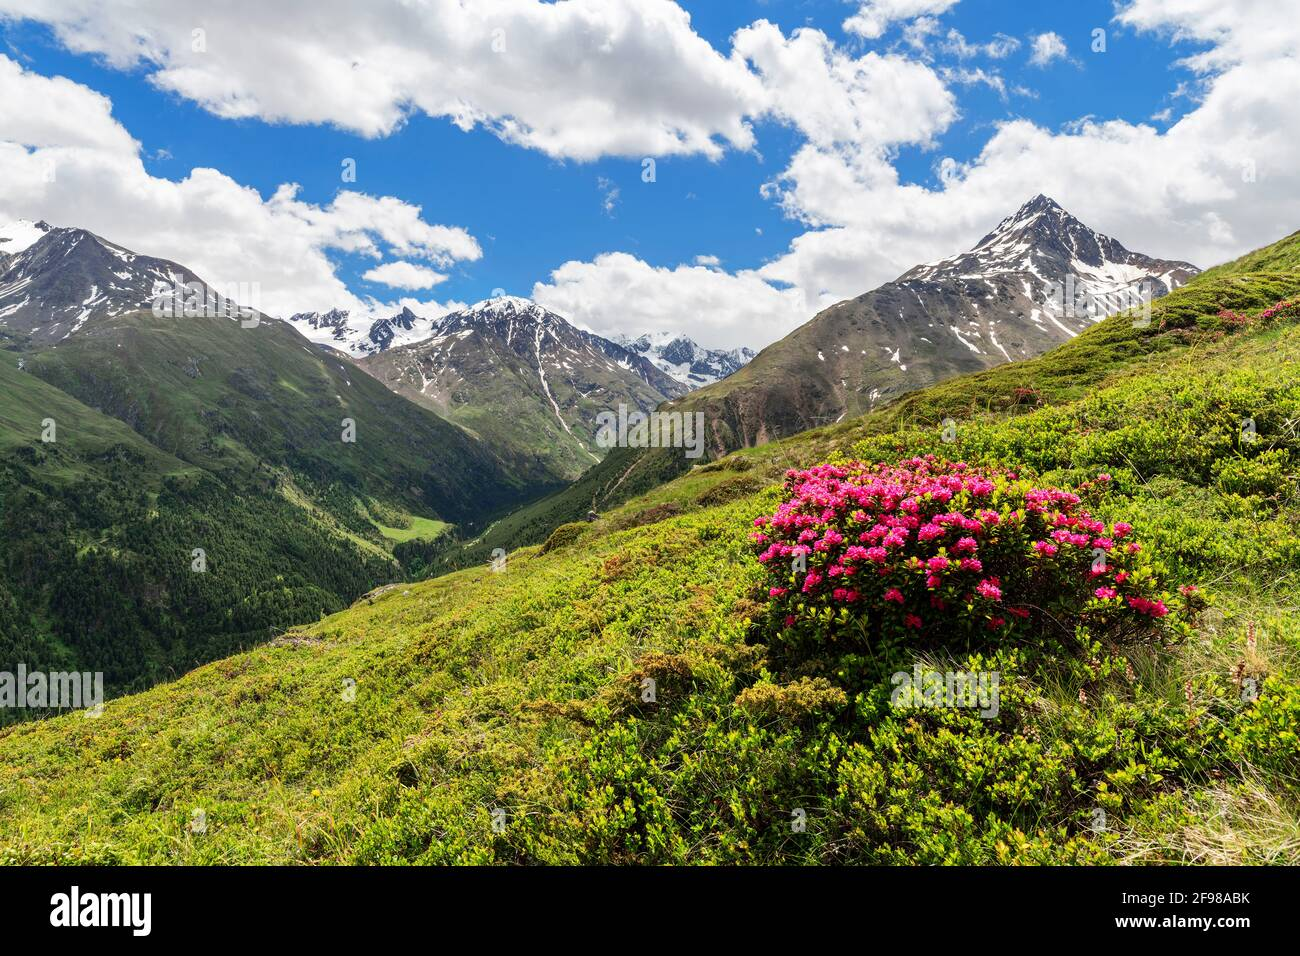 Alpine Berglandschaft mit Alpenrosen und schneebedeckten Gipfeln an einem sonnigen Sommertag. Ötztal Alpen, Tirol, Österreich Stockfoto